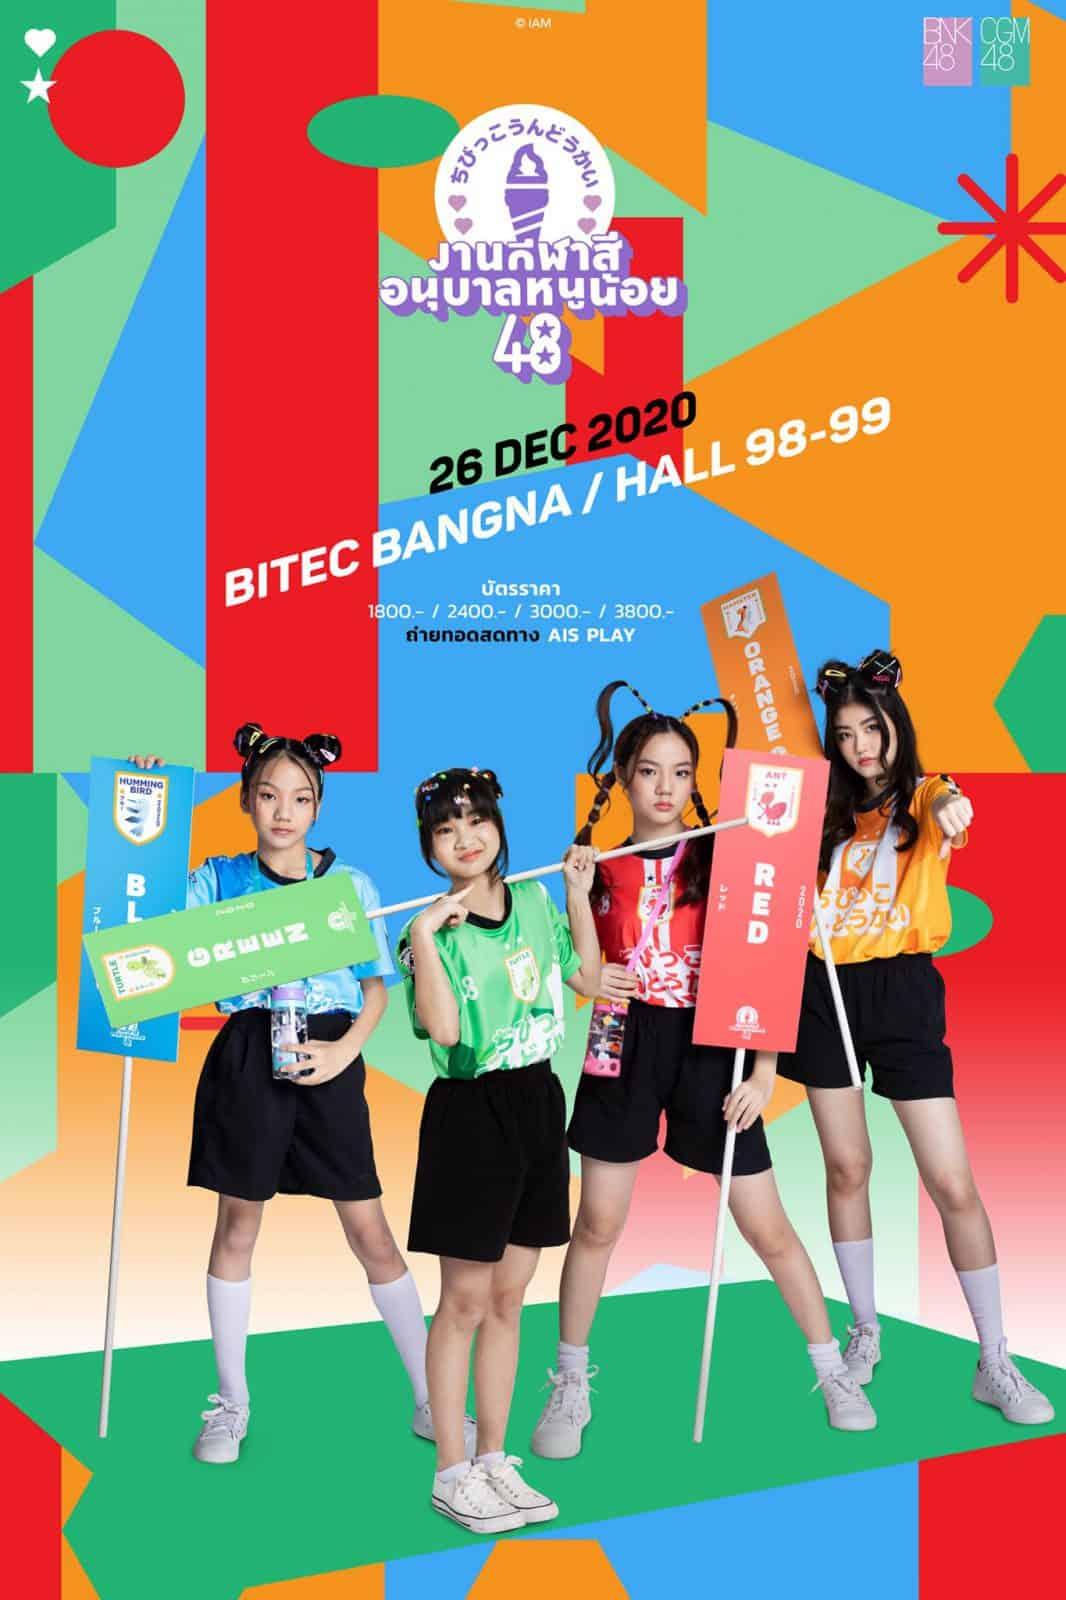 วิธีซื้อและจองบัตรงานกีฬาสีอนุบาลหนูน้อย48 BNK48 และ CGM48 ทาง www.eventpop.me